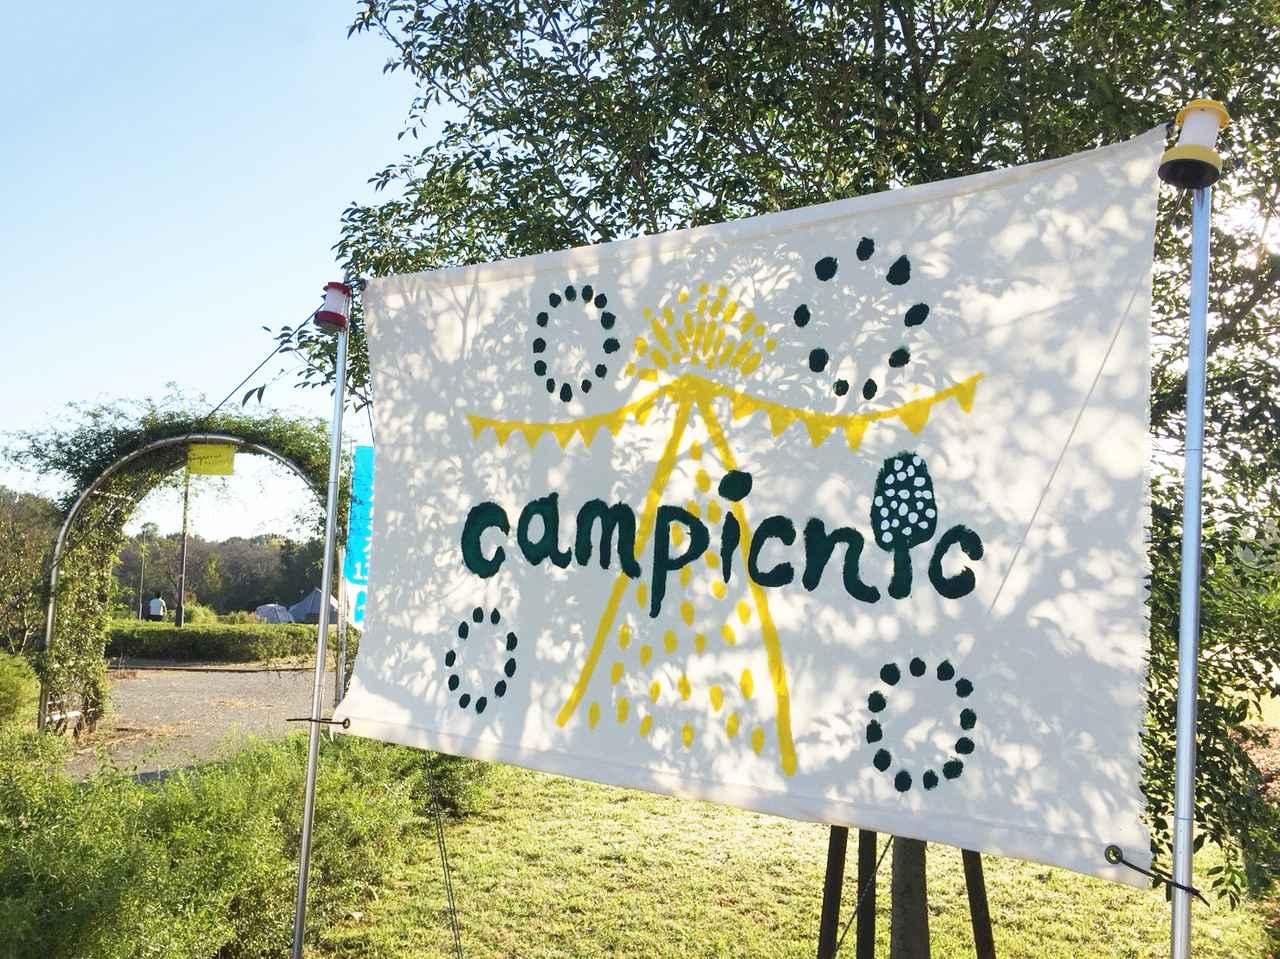 画像1: 【初心者歓迎】キャンプを身近にするイベント「campicnic(キャンプ × ピクニック)」